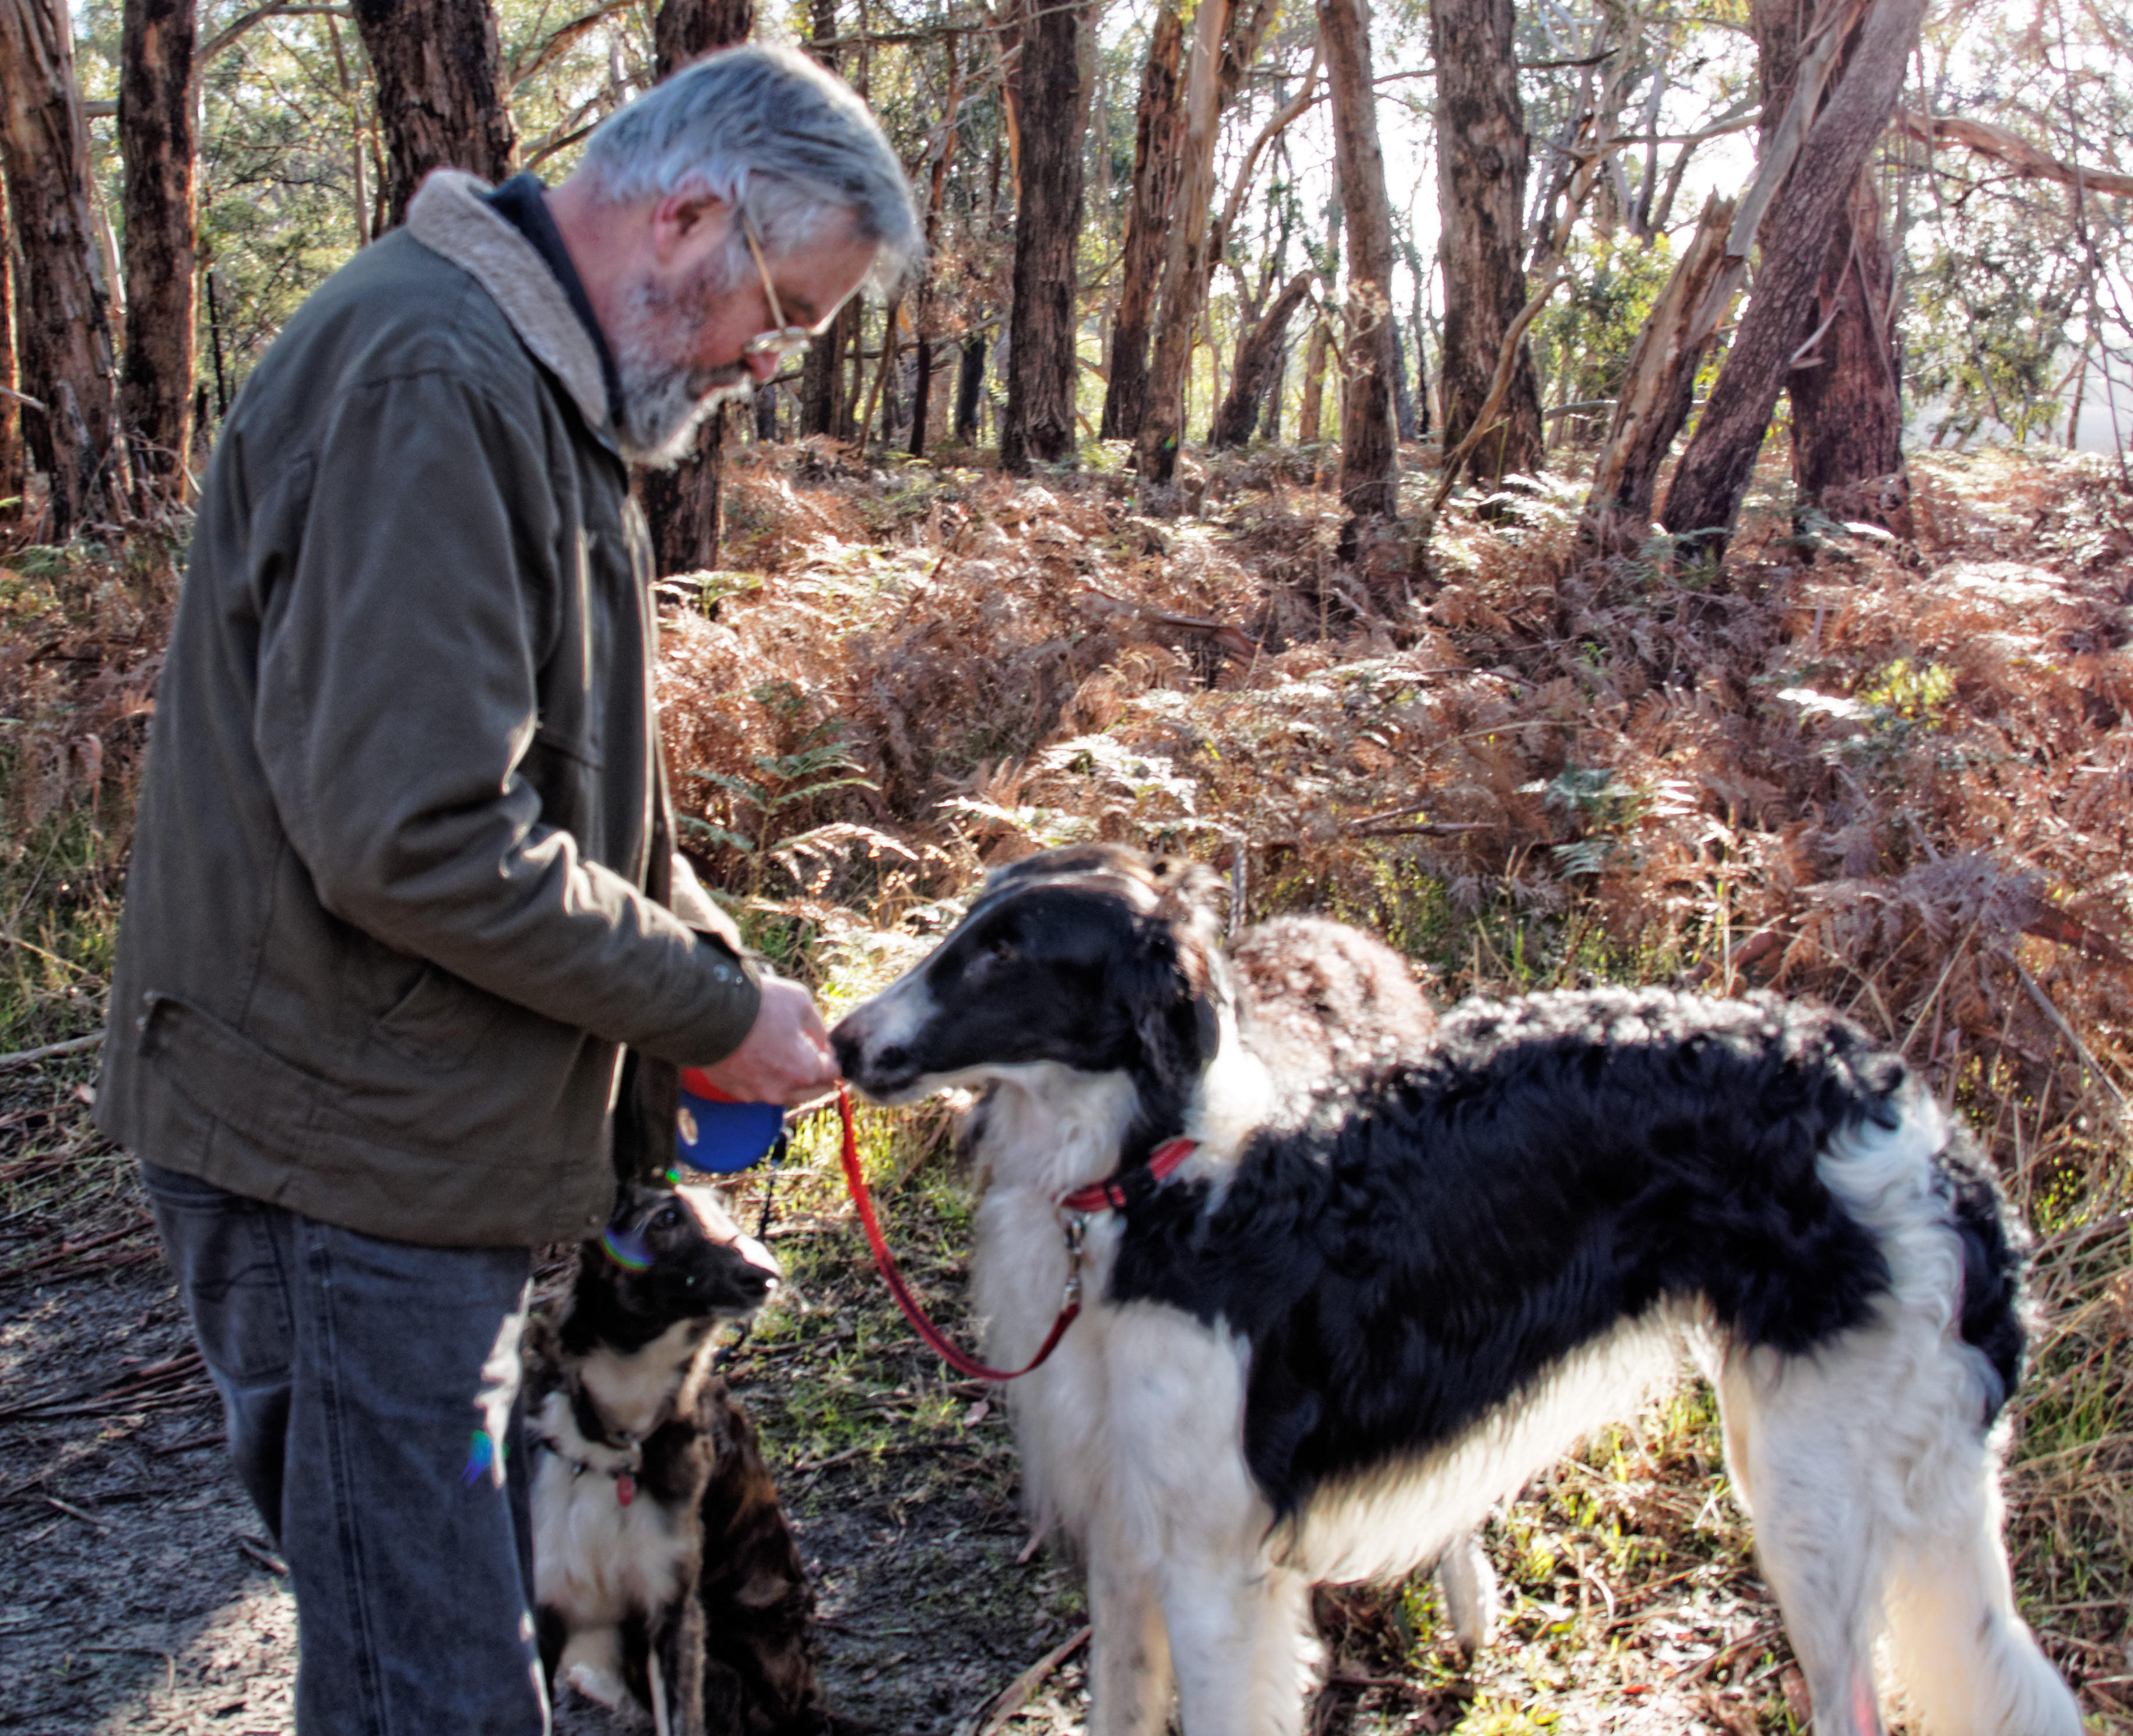 Greg-and-dogs-10.jpeg